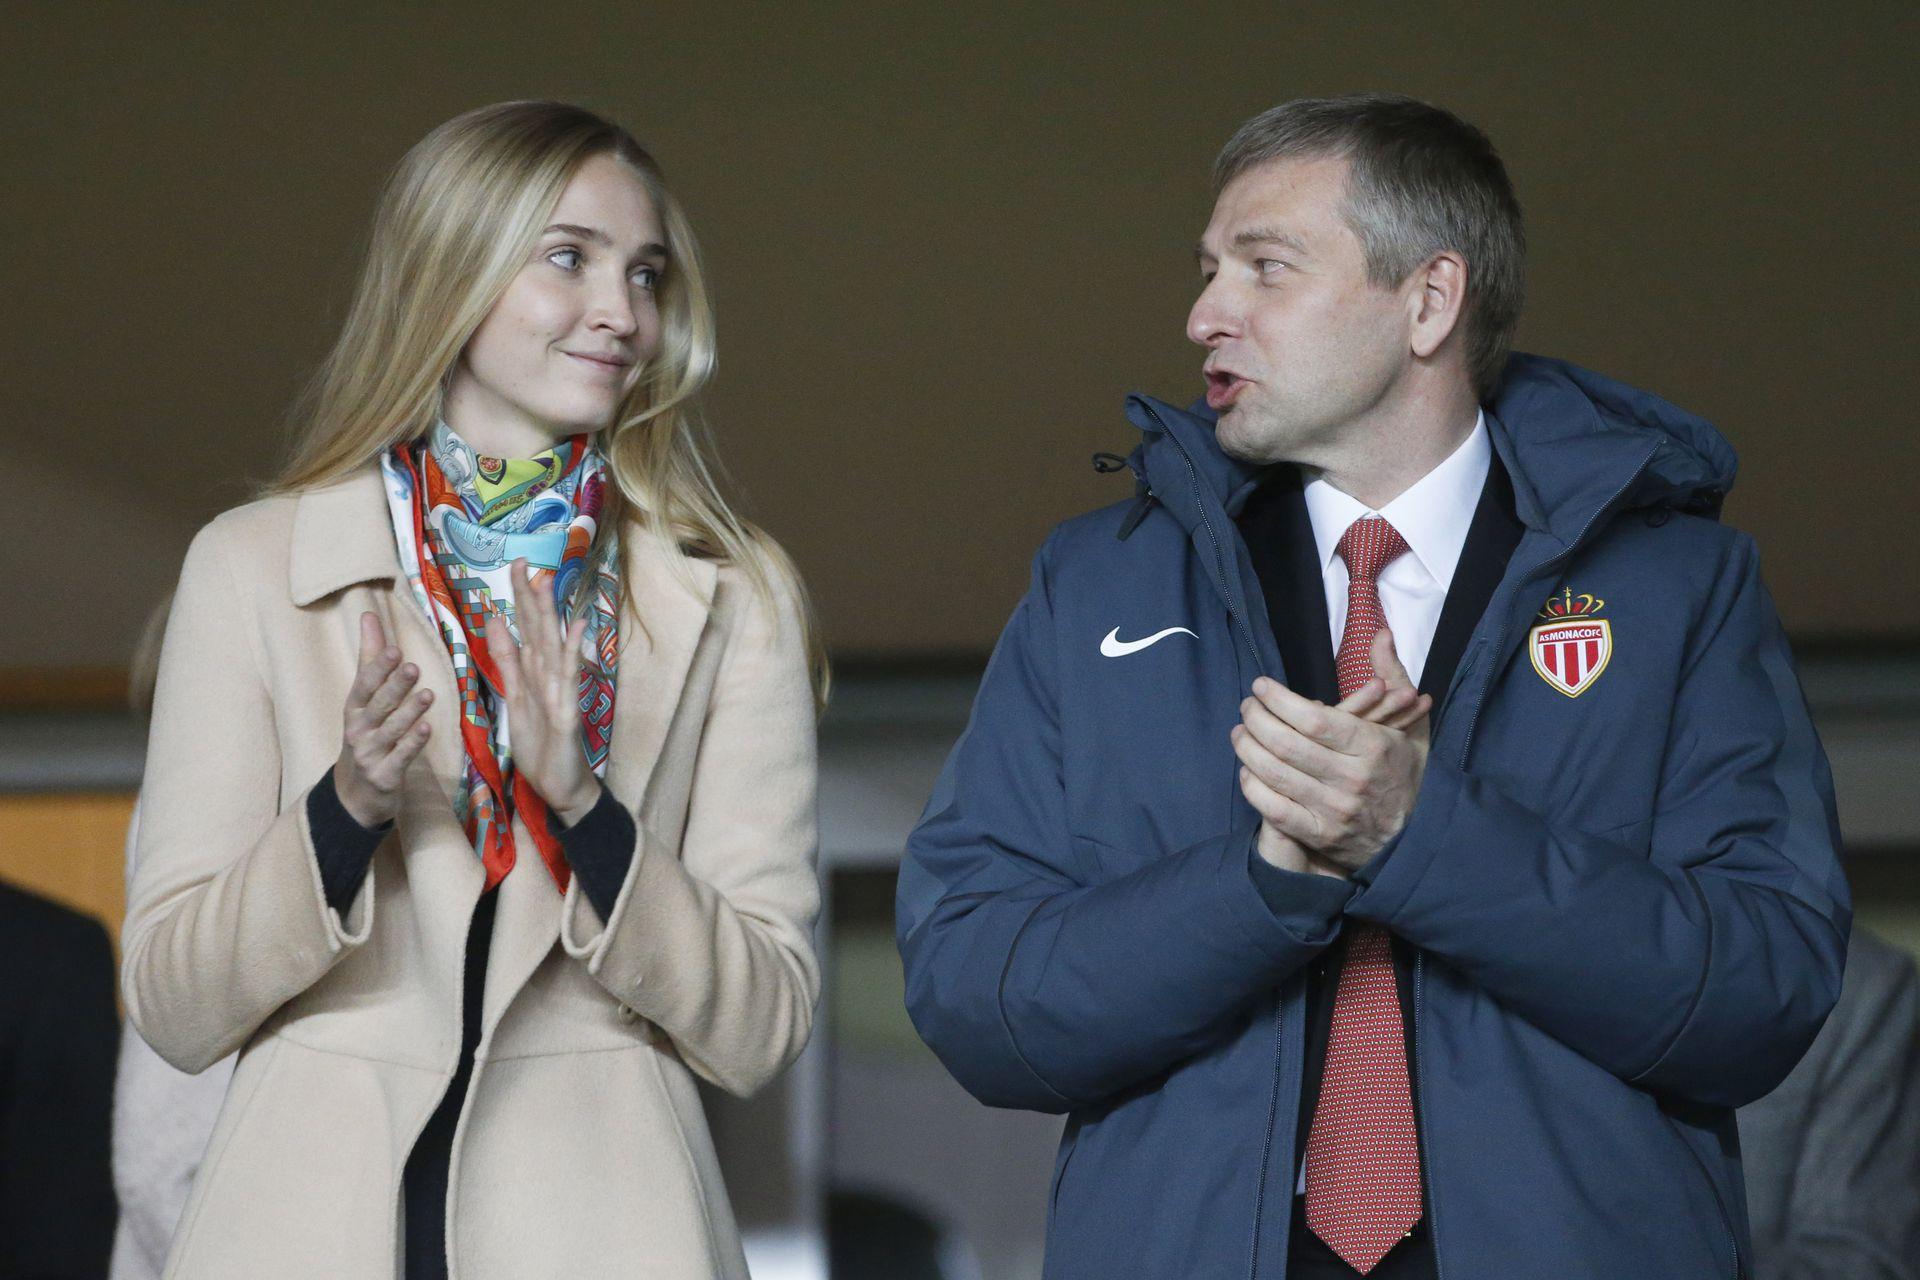 El magnate ruso Dimitry Rybolovlev, presidente del club AS Mónaco, club de fútbol del principado, junto a su hija Ekaterina. La imagen fue tomada durante un partido del equipo monegasco. Fue Dimitry quien le regaló Skorpios a Ekaterina.